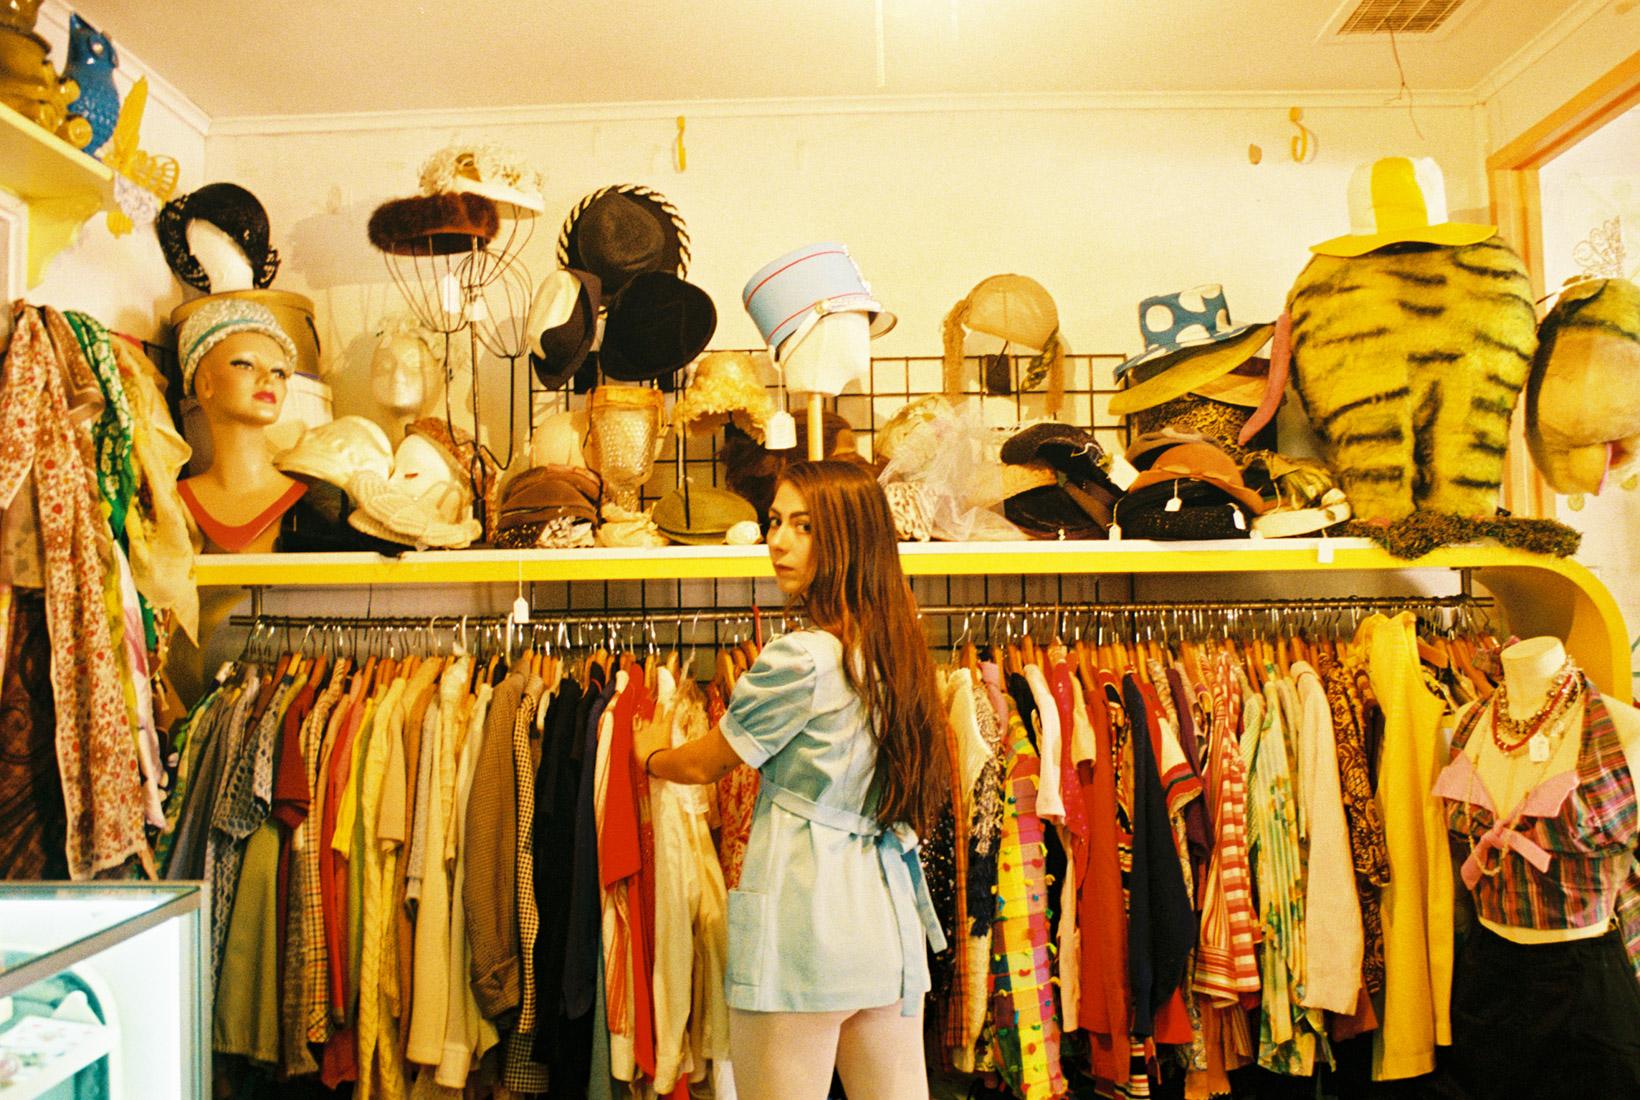 Cara vintage shopping in downtown Las Vegas